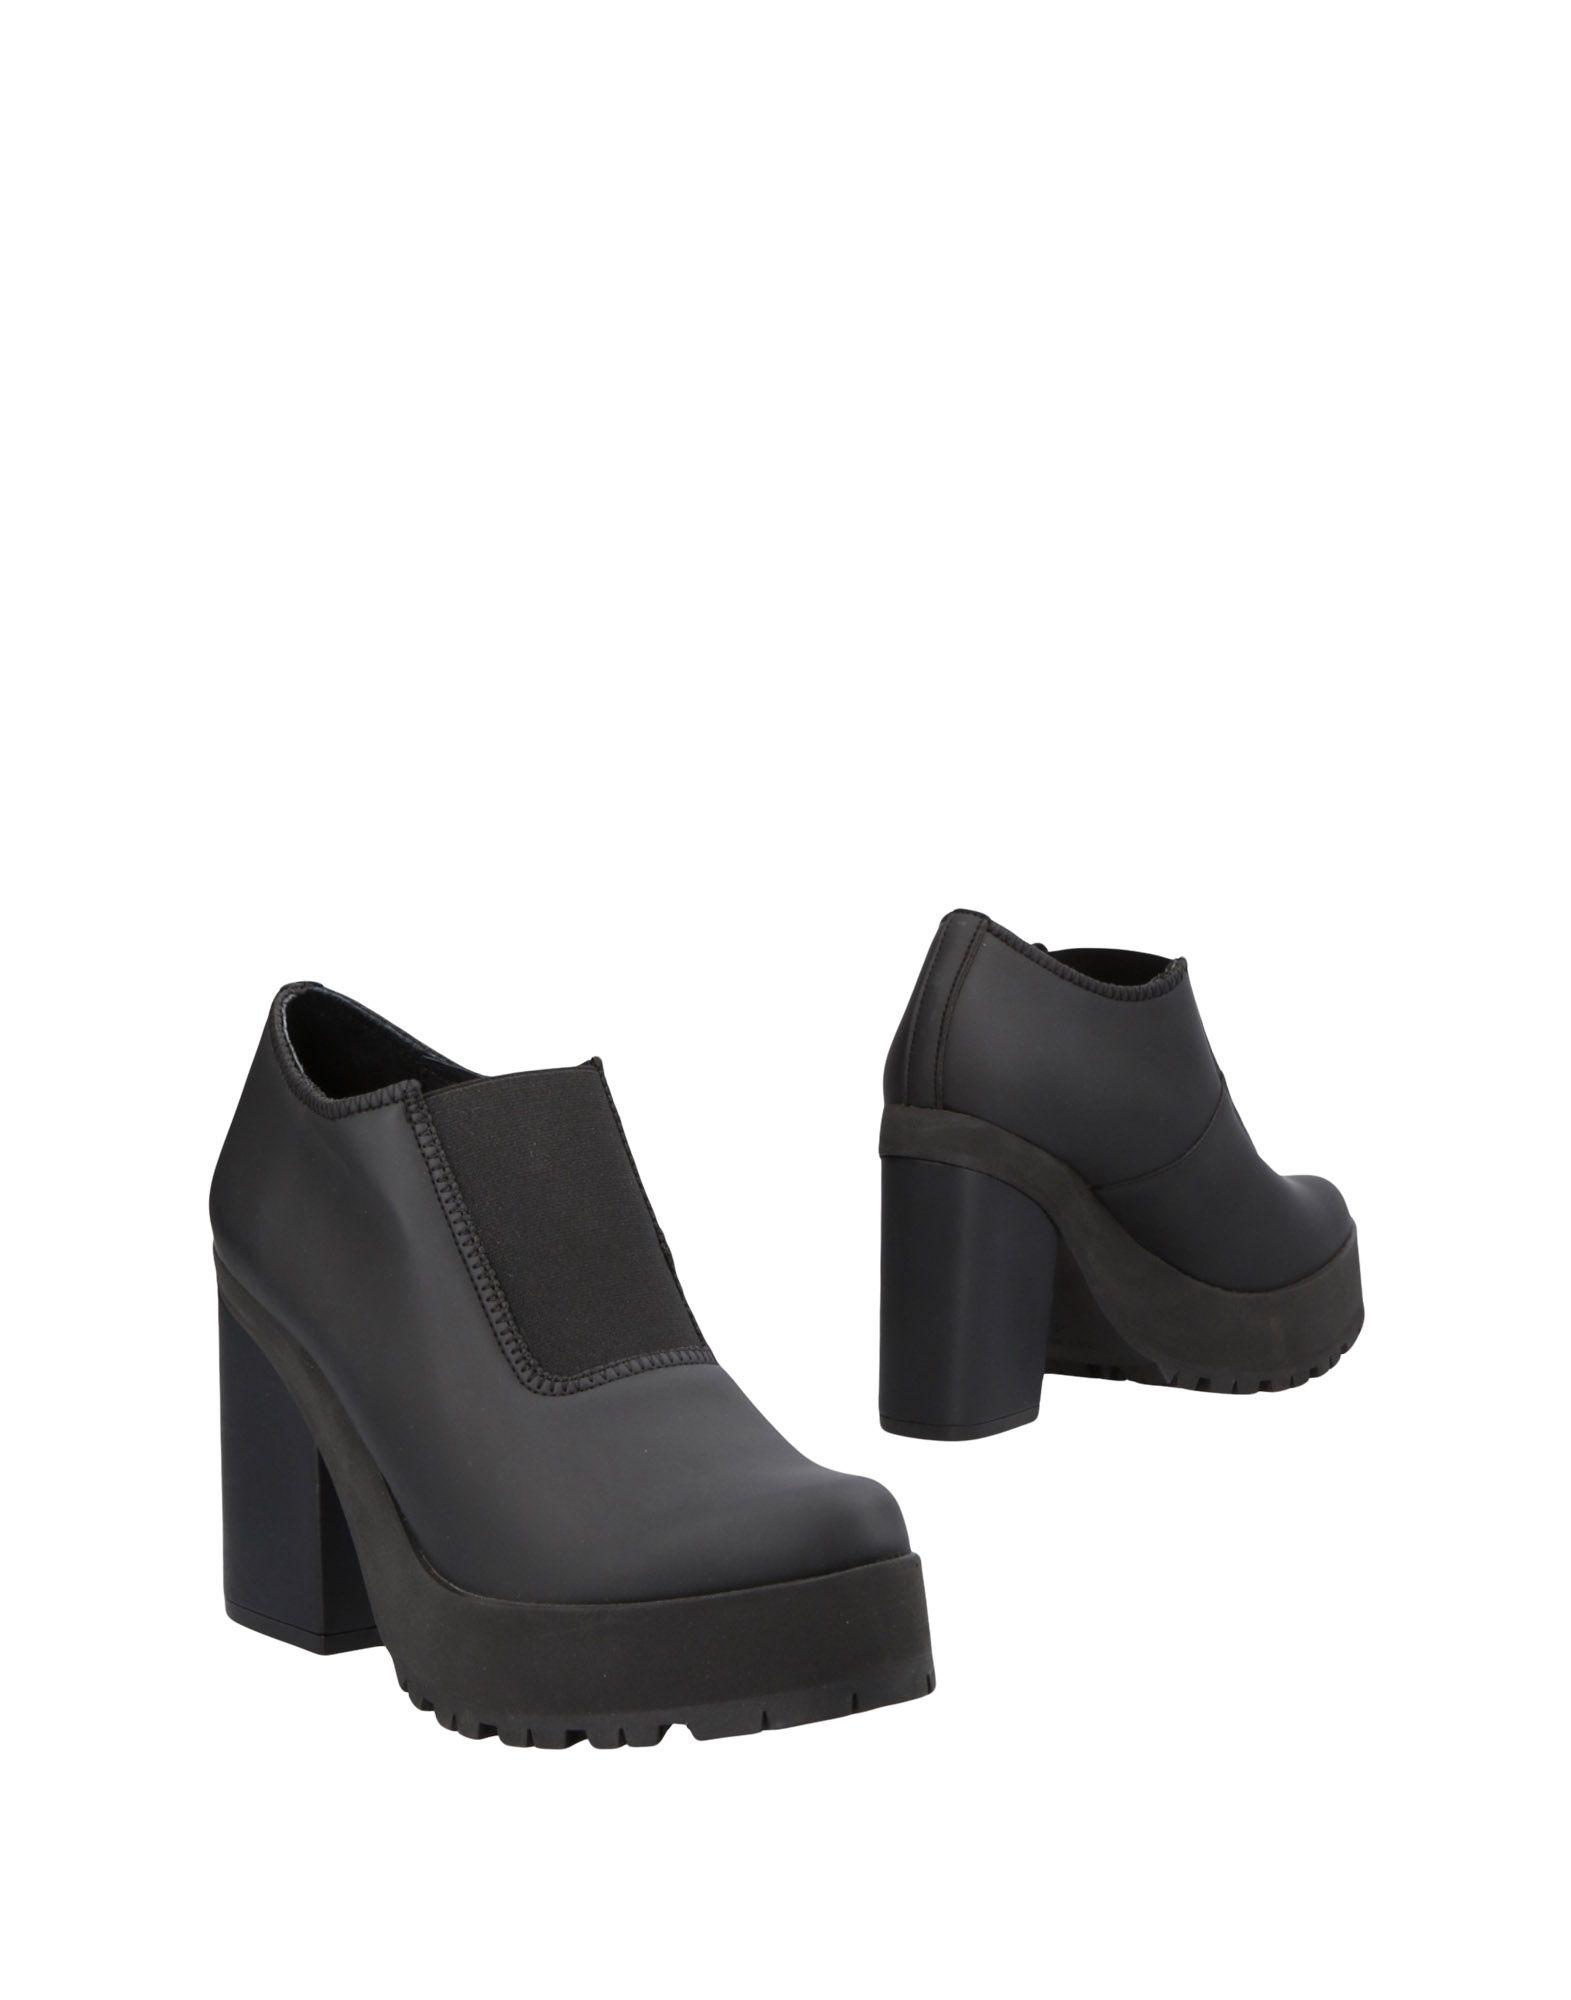 Miista Stiefelette Damen  Schuhe 11482622XN Gute Qualität beliebte Schuhe  d41723